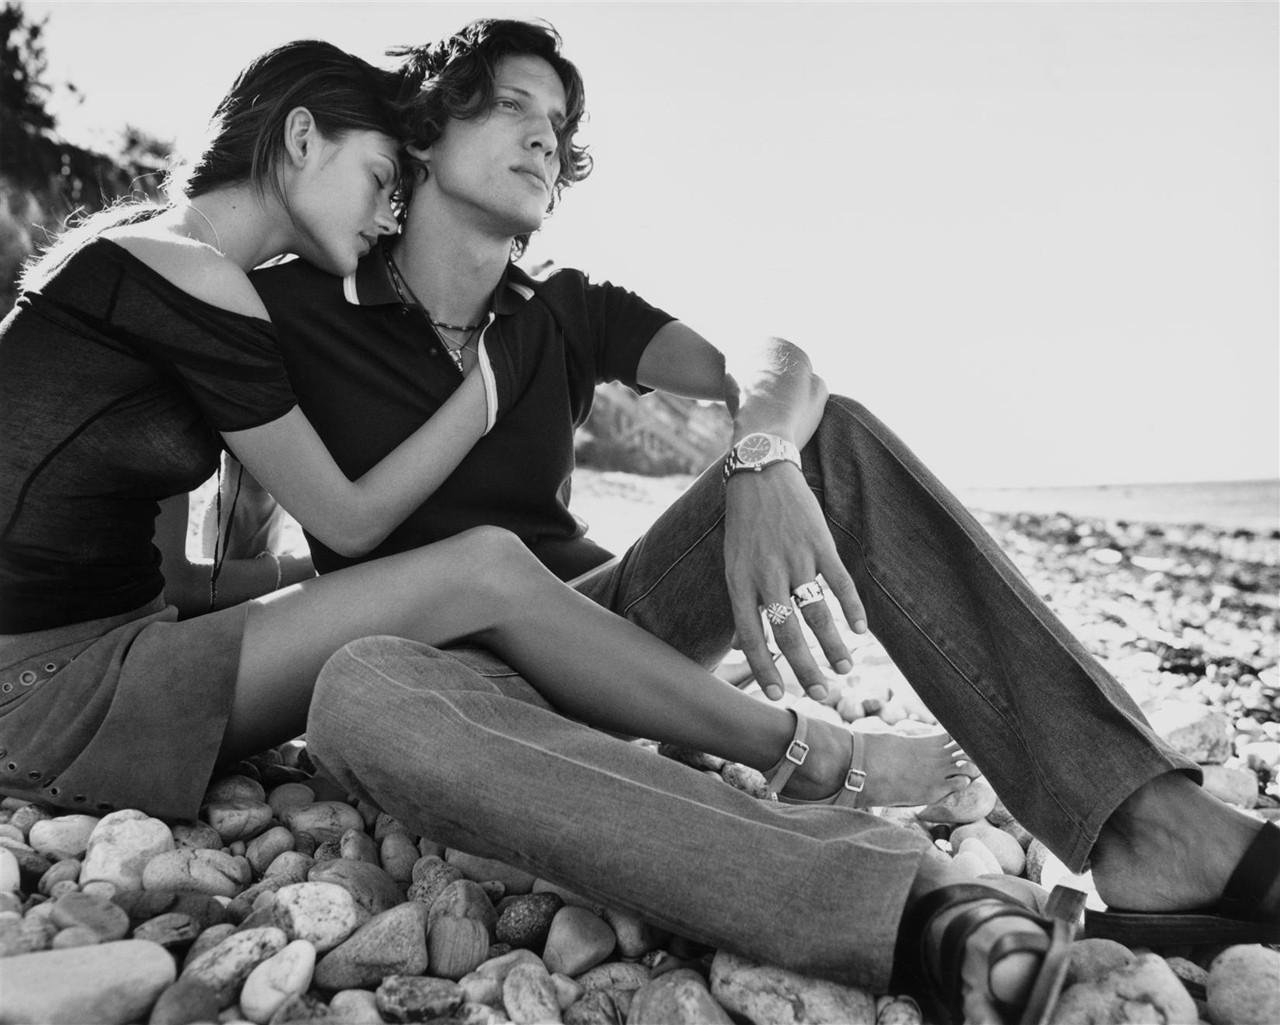 Секс между мужчиной и молодой девушкой 14 фотография